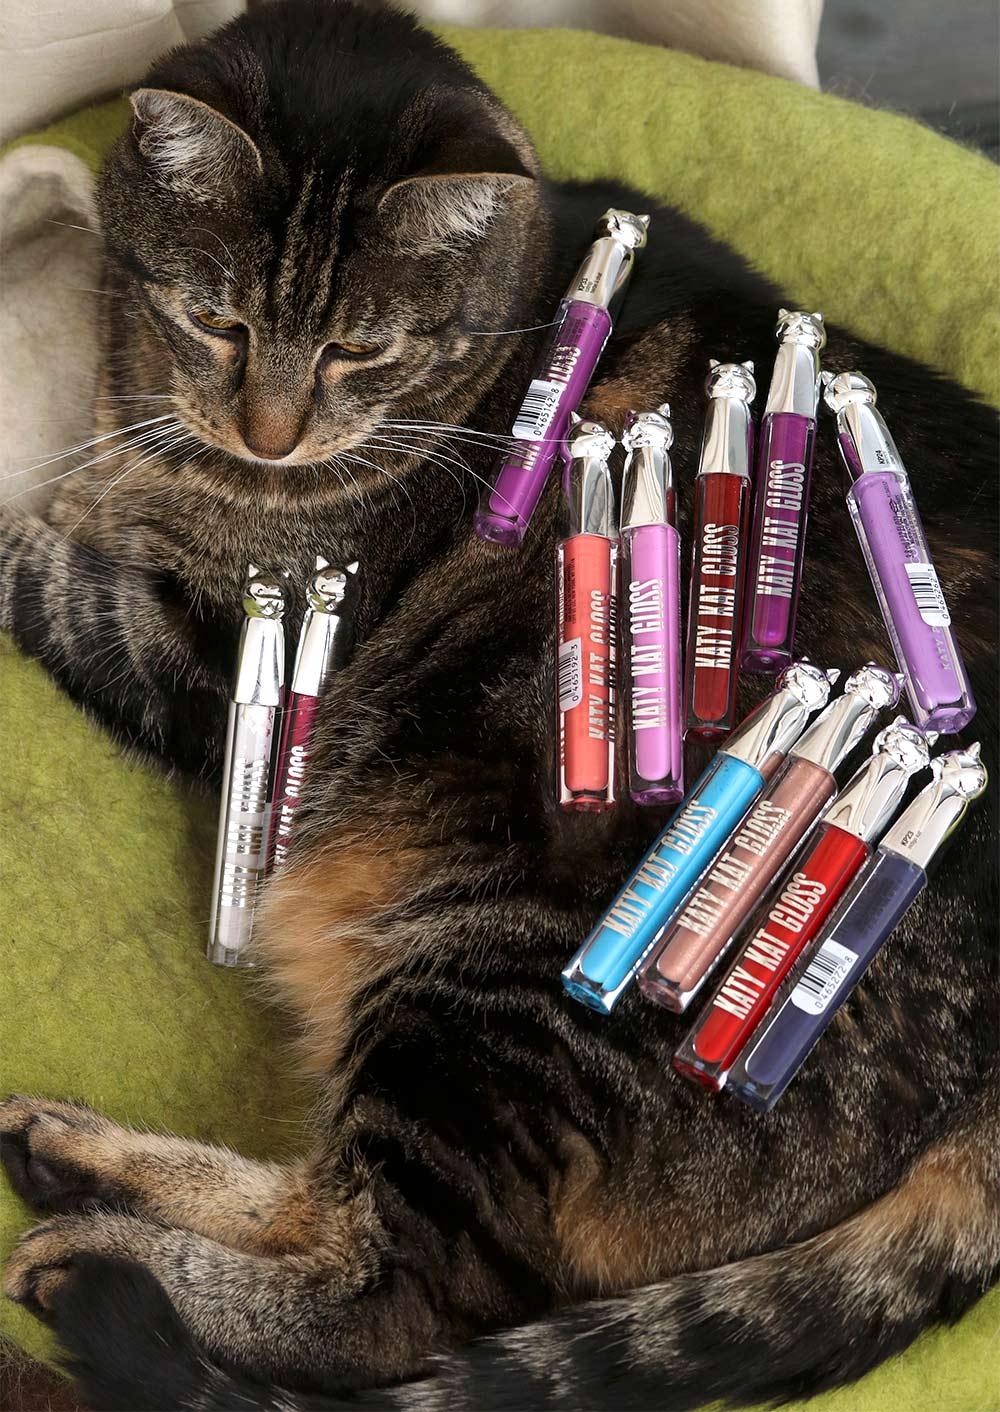 all 12 shades of katy kat gloss